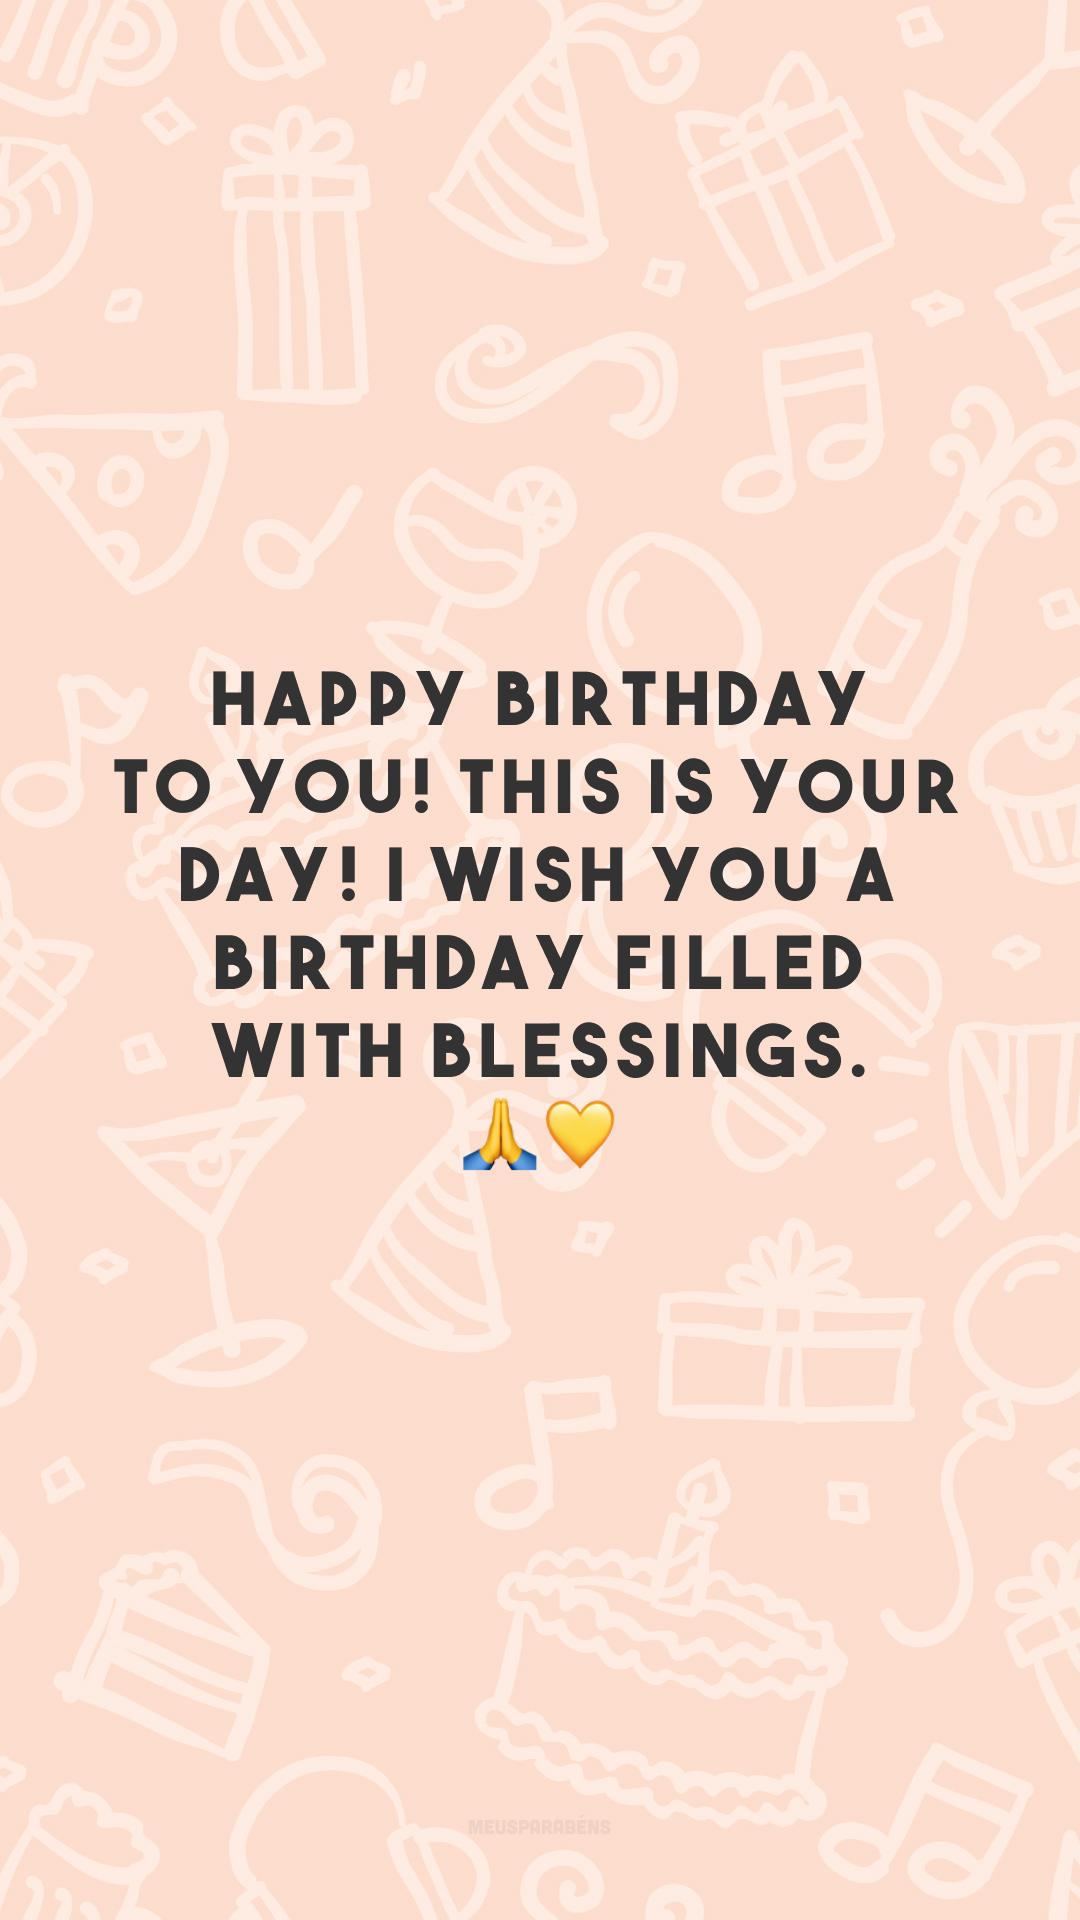 Happy birthday to you! This is your day! I wish you a birthday filled with blessings. 🙏💛 (Parabéns a você! Hoje é seu dia! Desejo-lhe um aniversário repleto de bênçãos.)